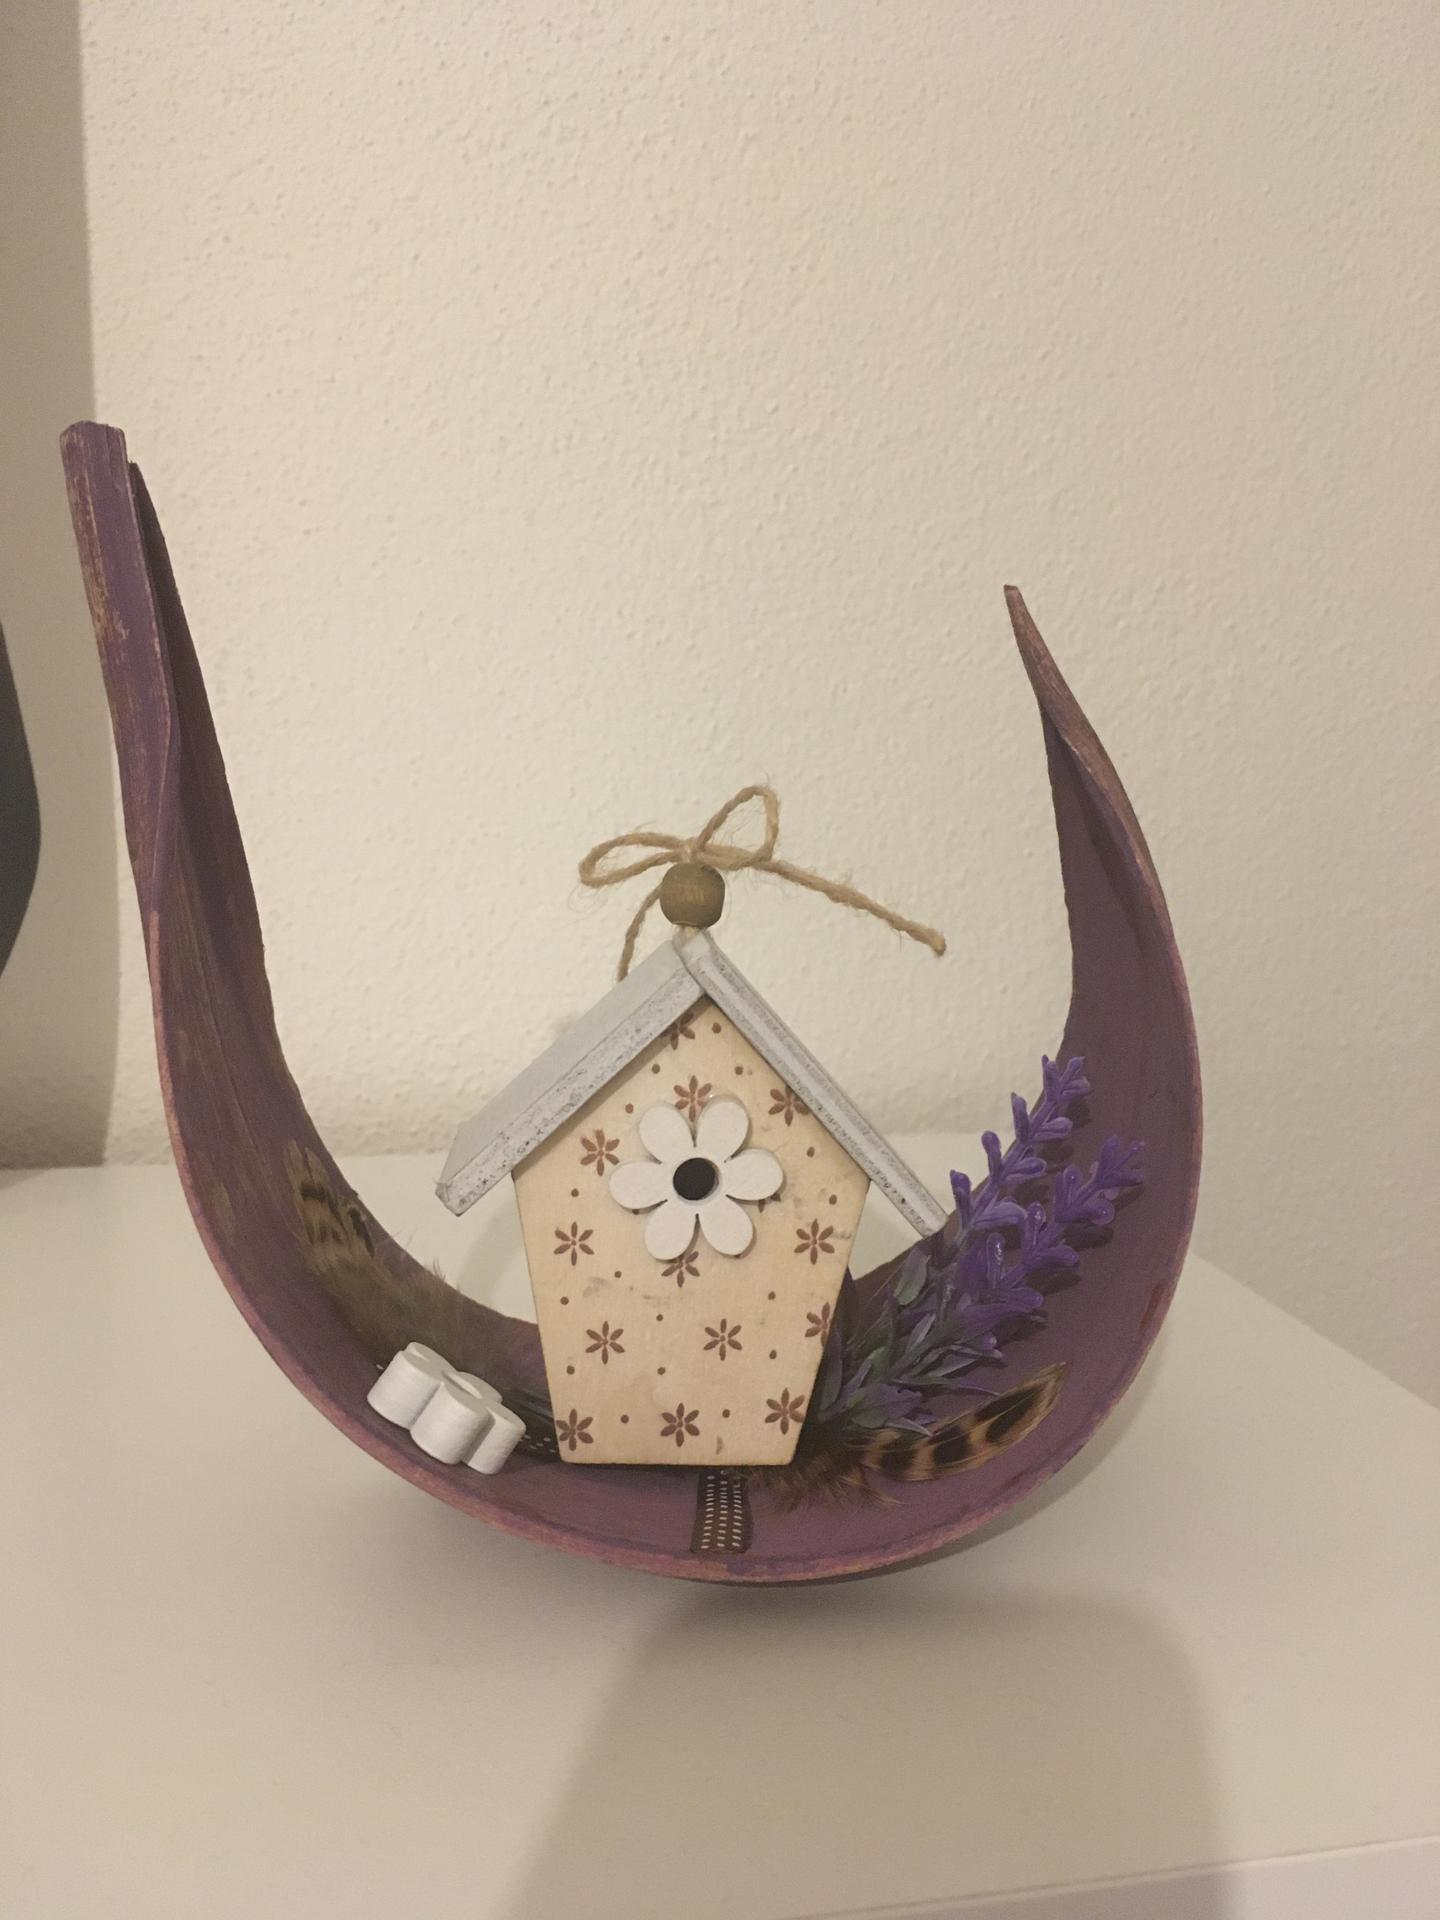 Moje jarné a zimné miniatúry - Obrázok č. 3